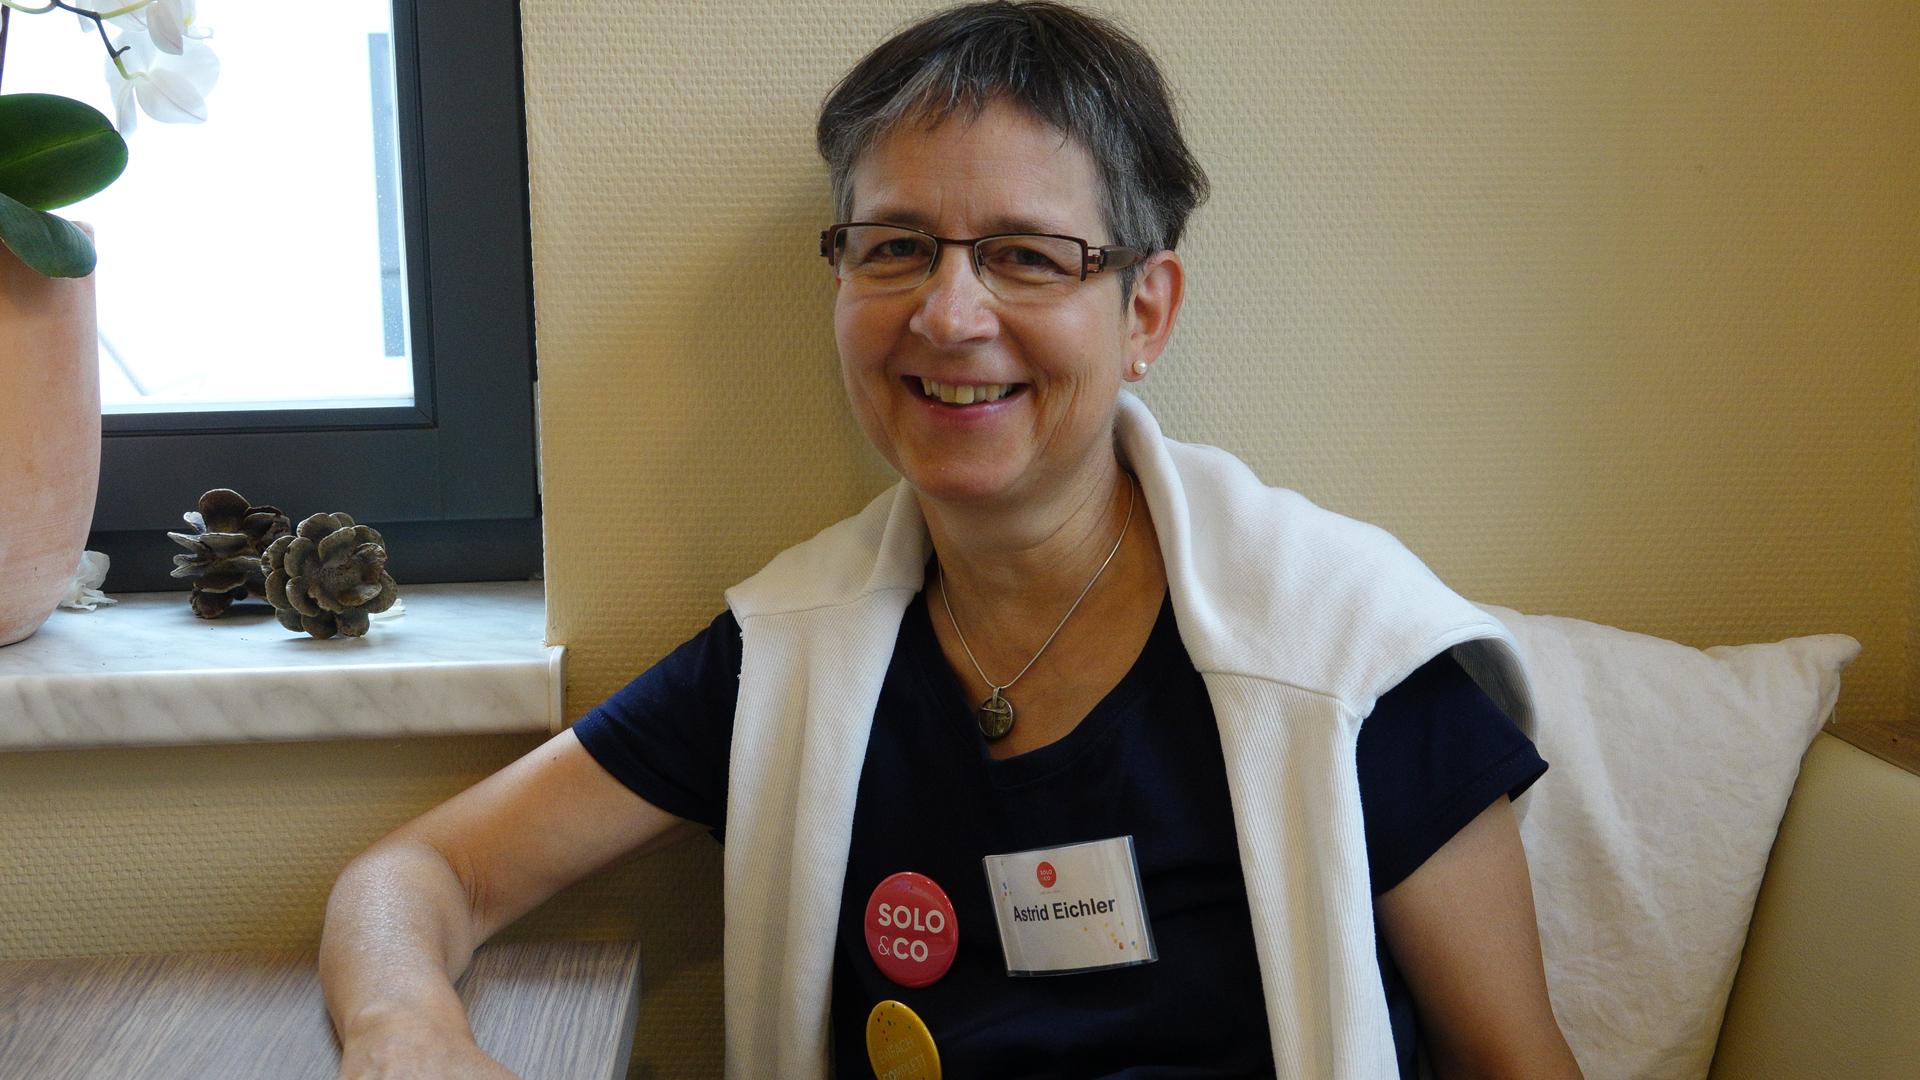 Die frühere Gemeindepfarrerin Astrid Eichler ist jetzt Bundesreferentin für Solo & Co. (früher: EmwAg e.V.), ein Netzwerk christlicher Singles und Gemeinschaftssucher